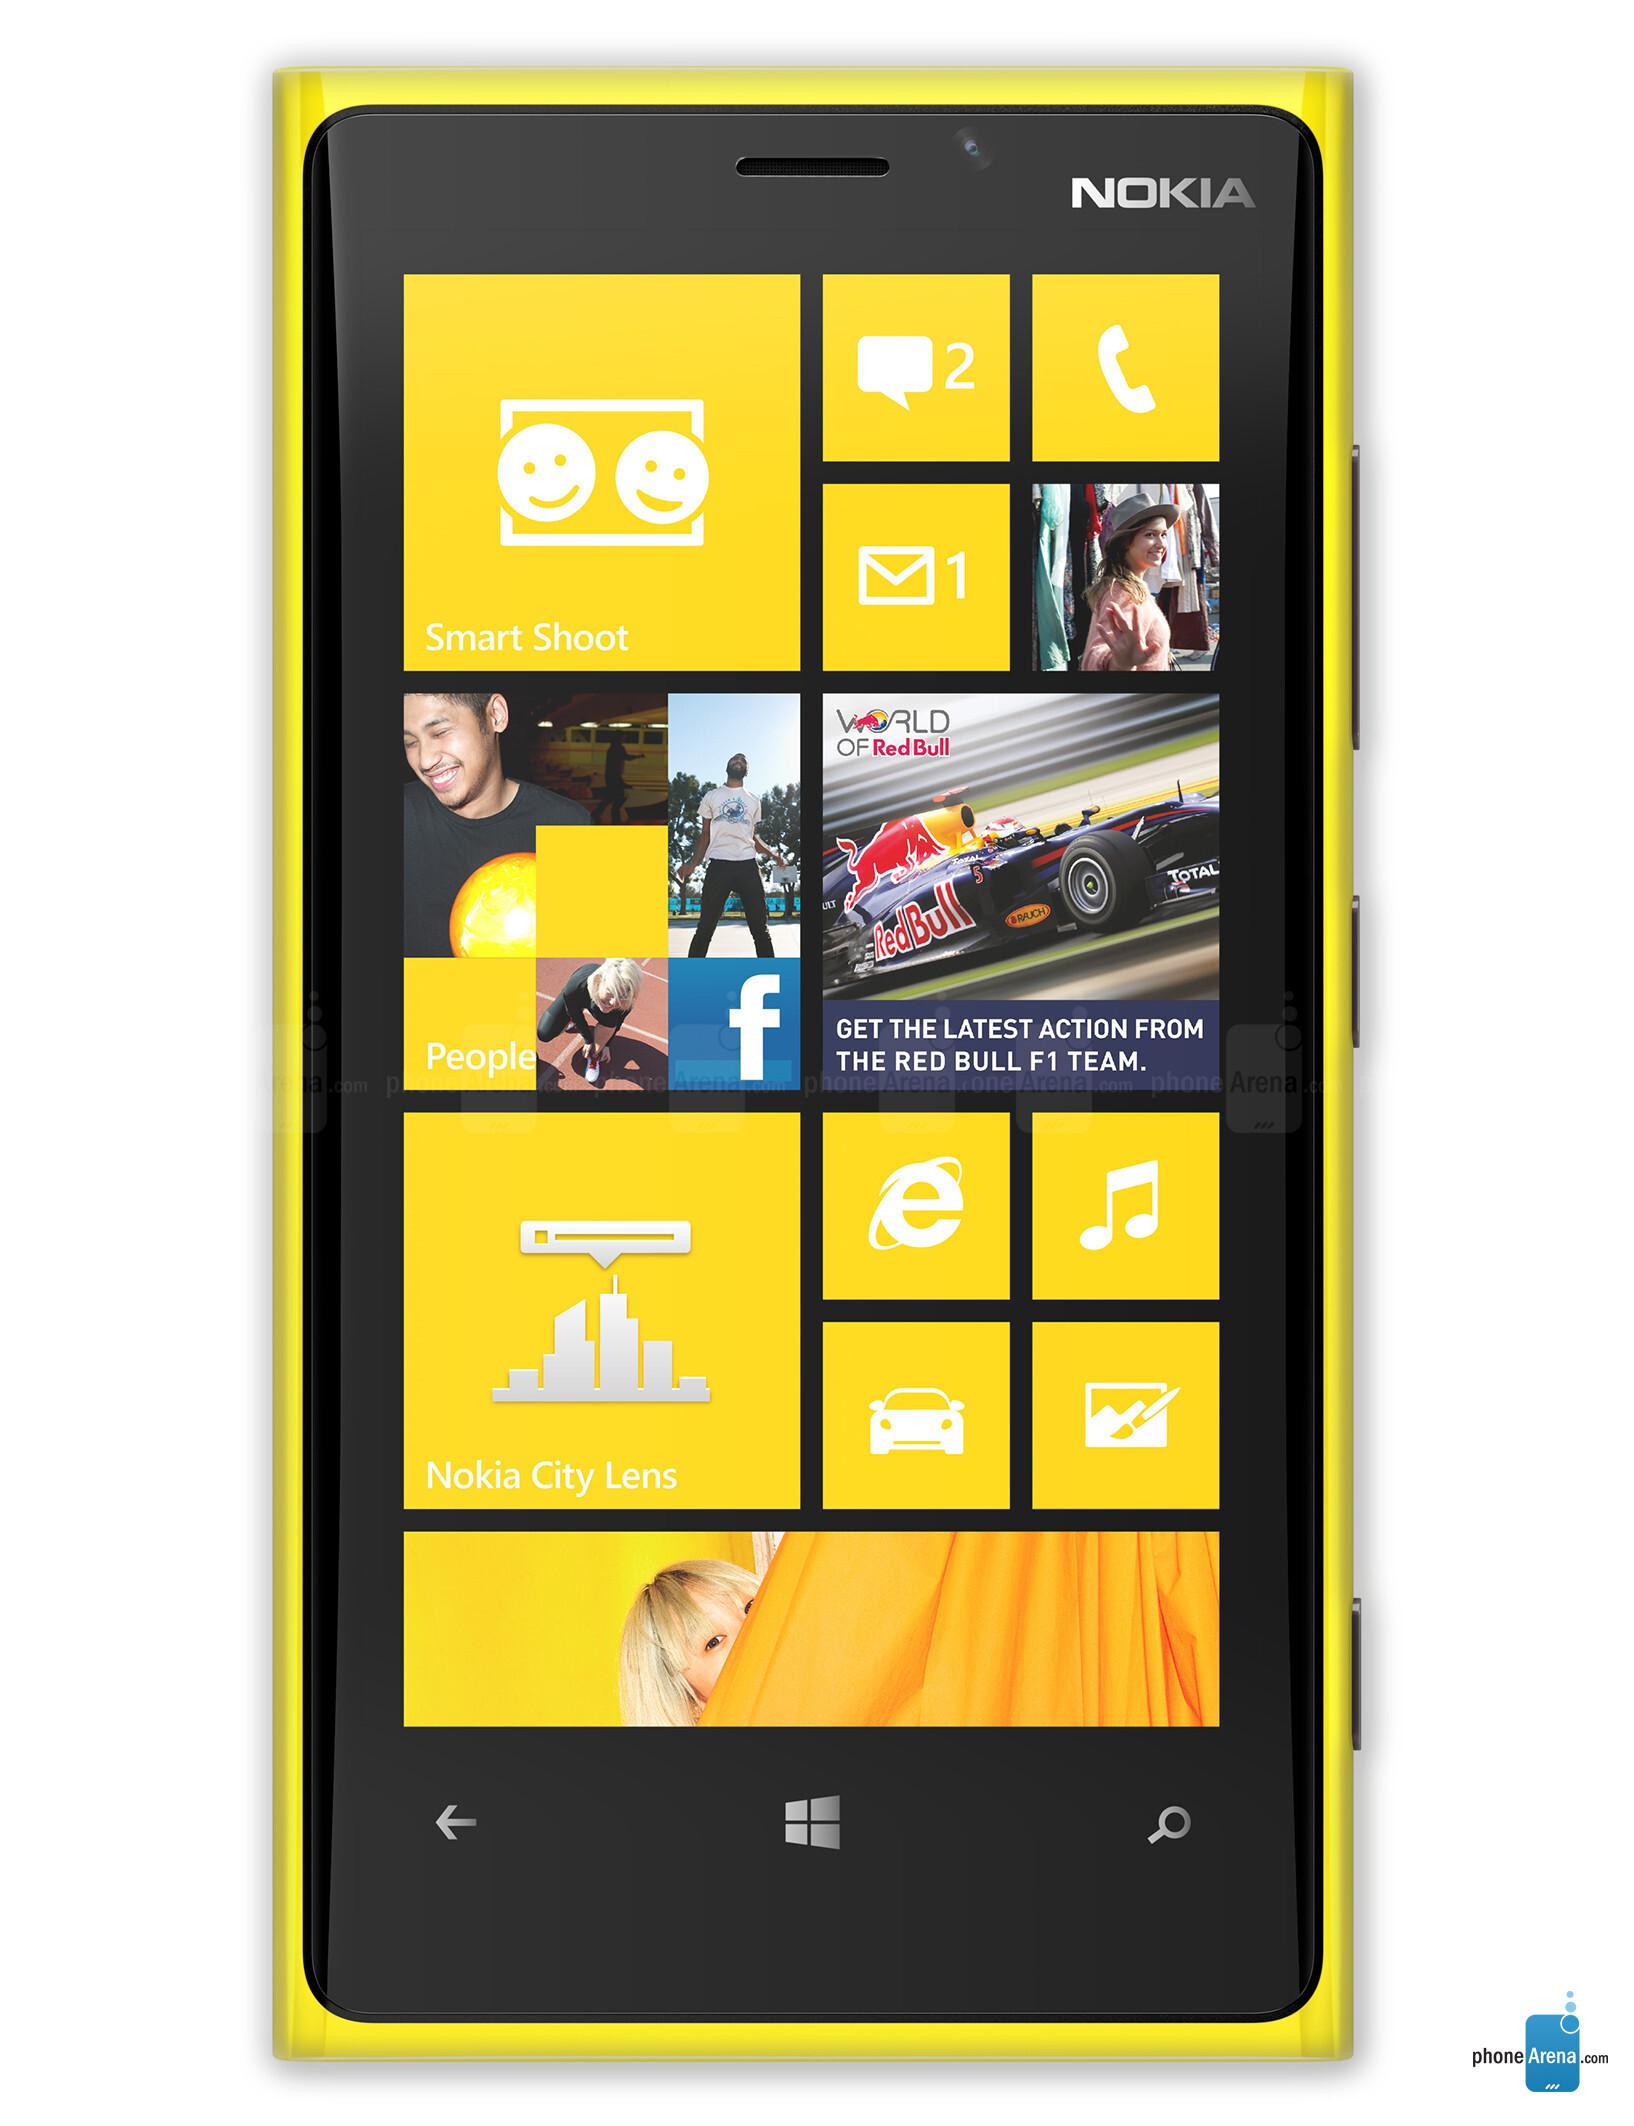 Nokia Lumia 920 Specs